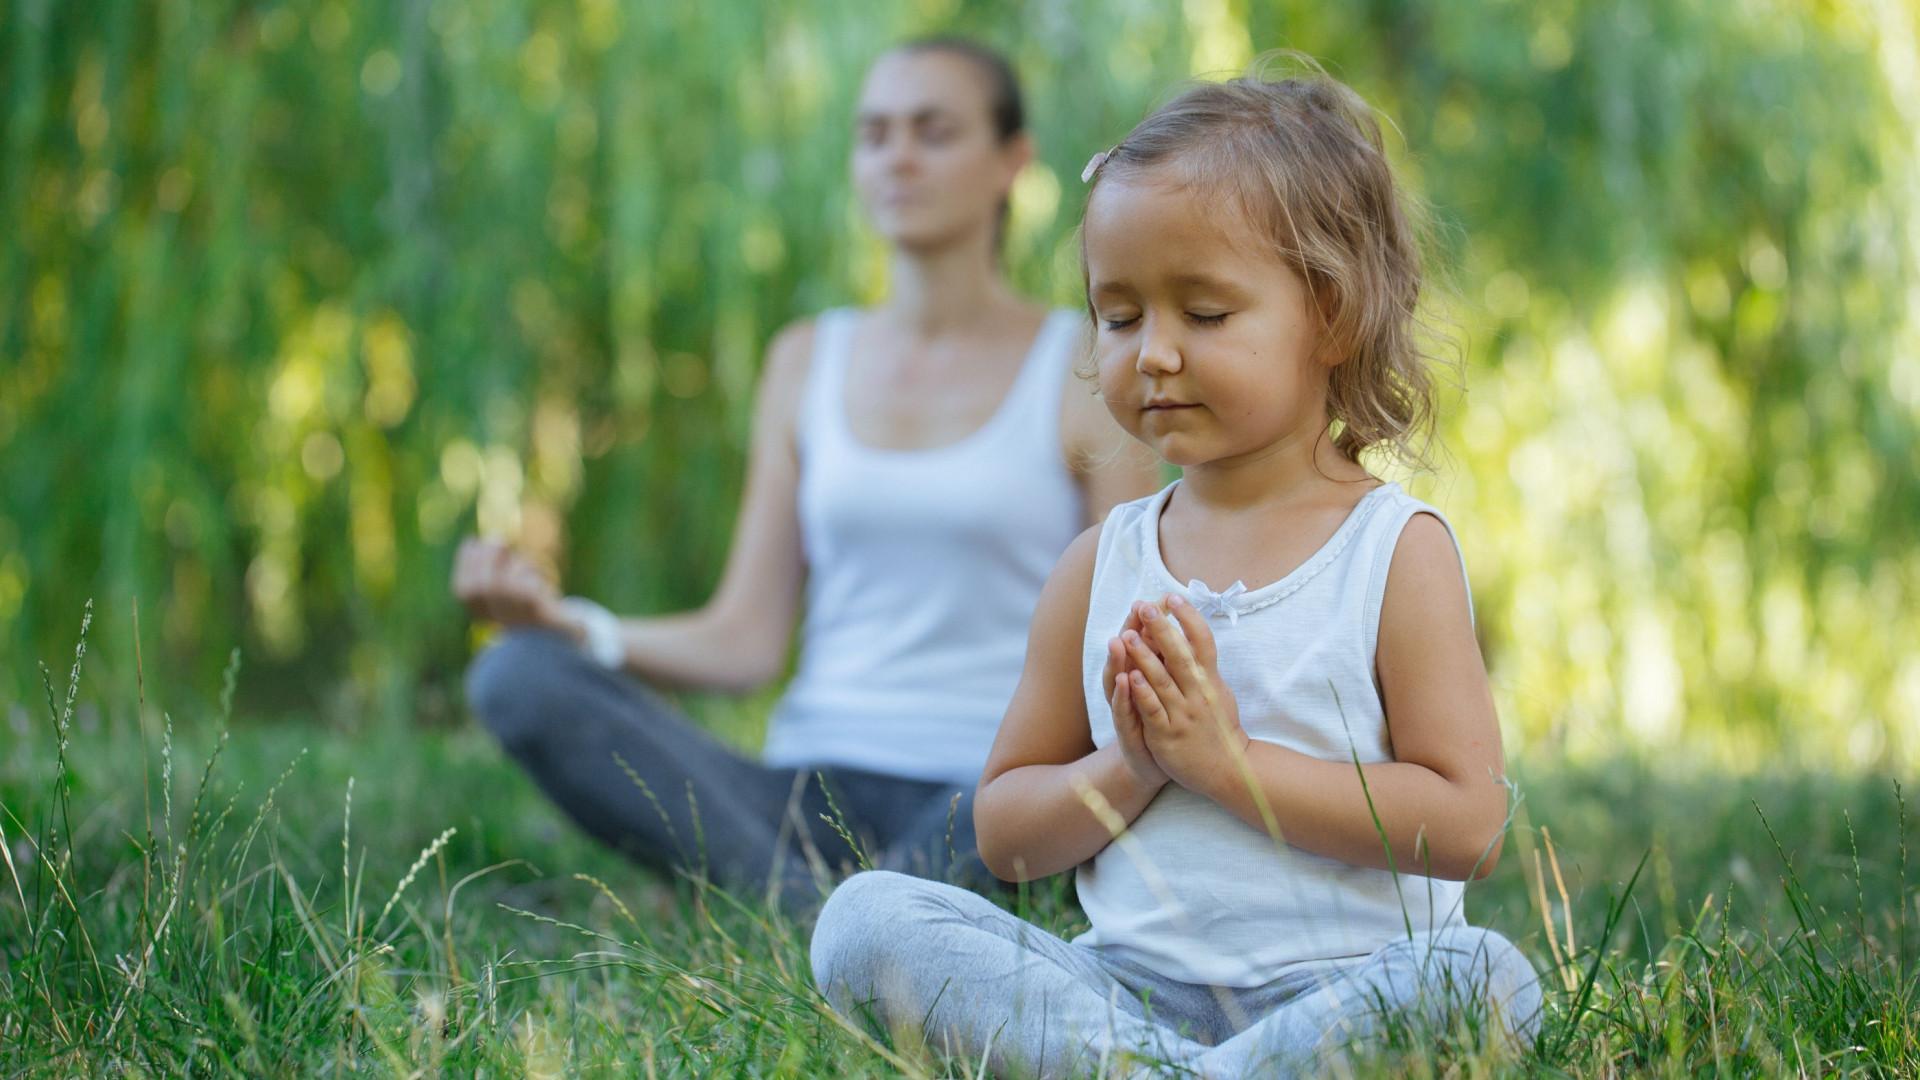 As crianças devem praticar o mindfulness, diz o próprio Dalai Lama